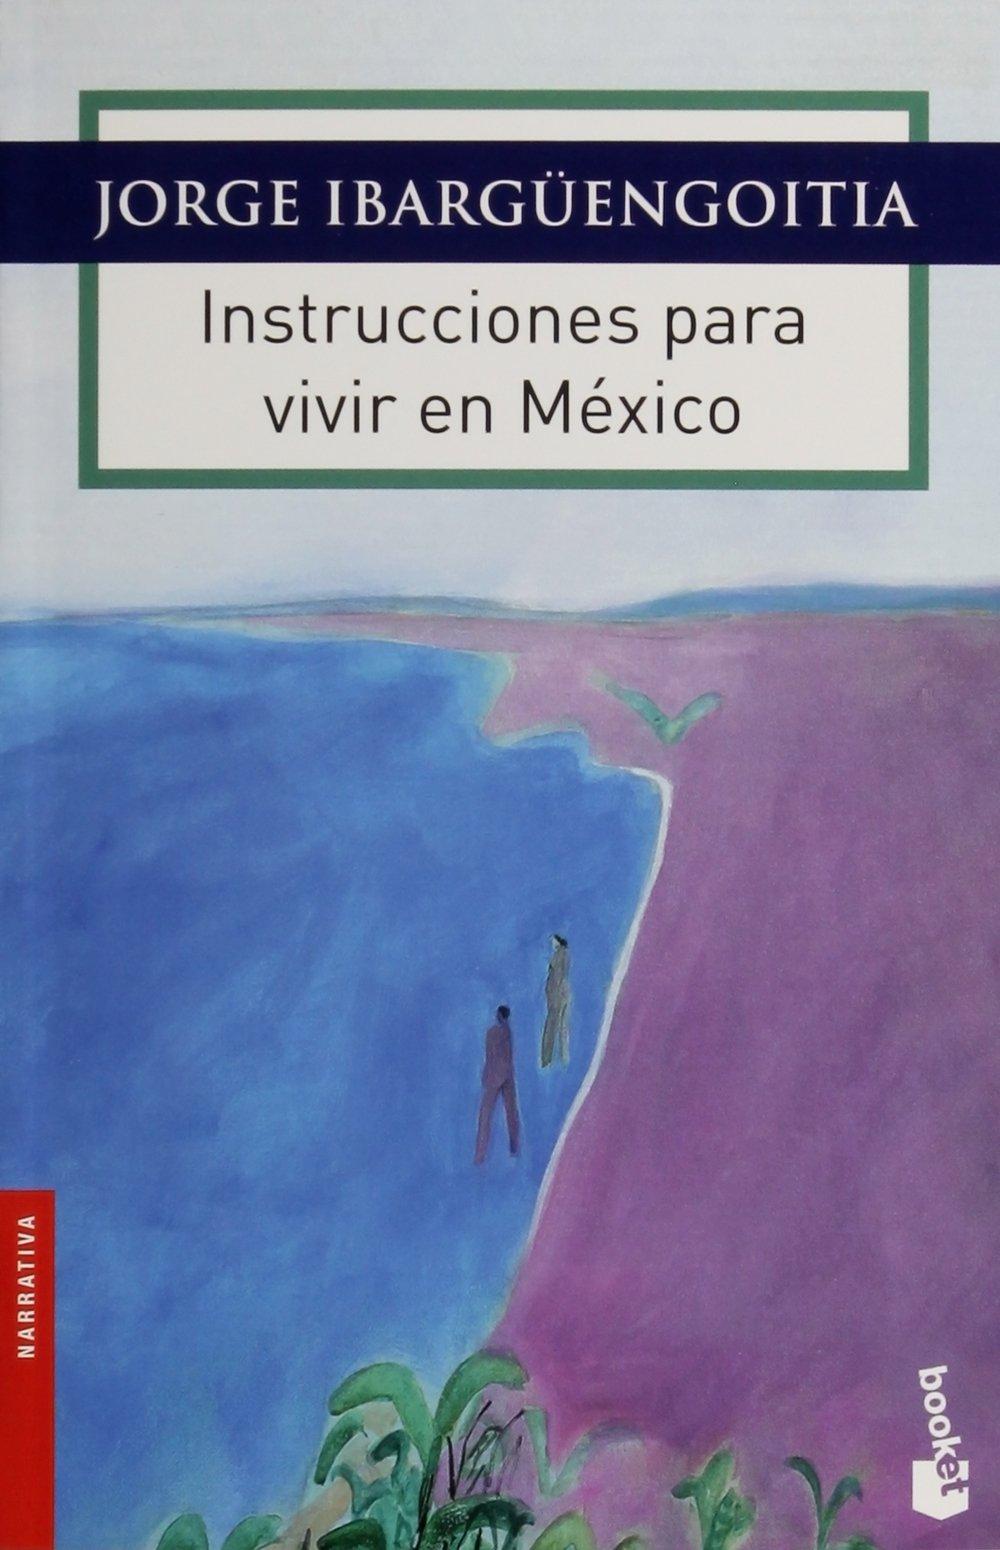 Resultado de imagen para instrucciones para vivir en mexico